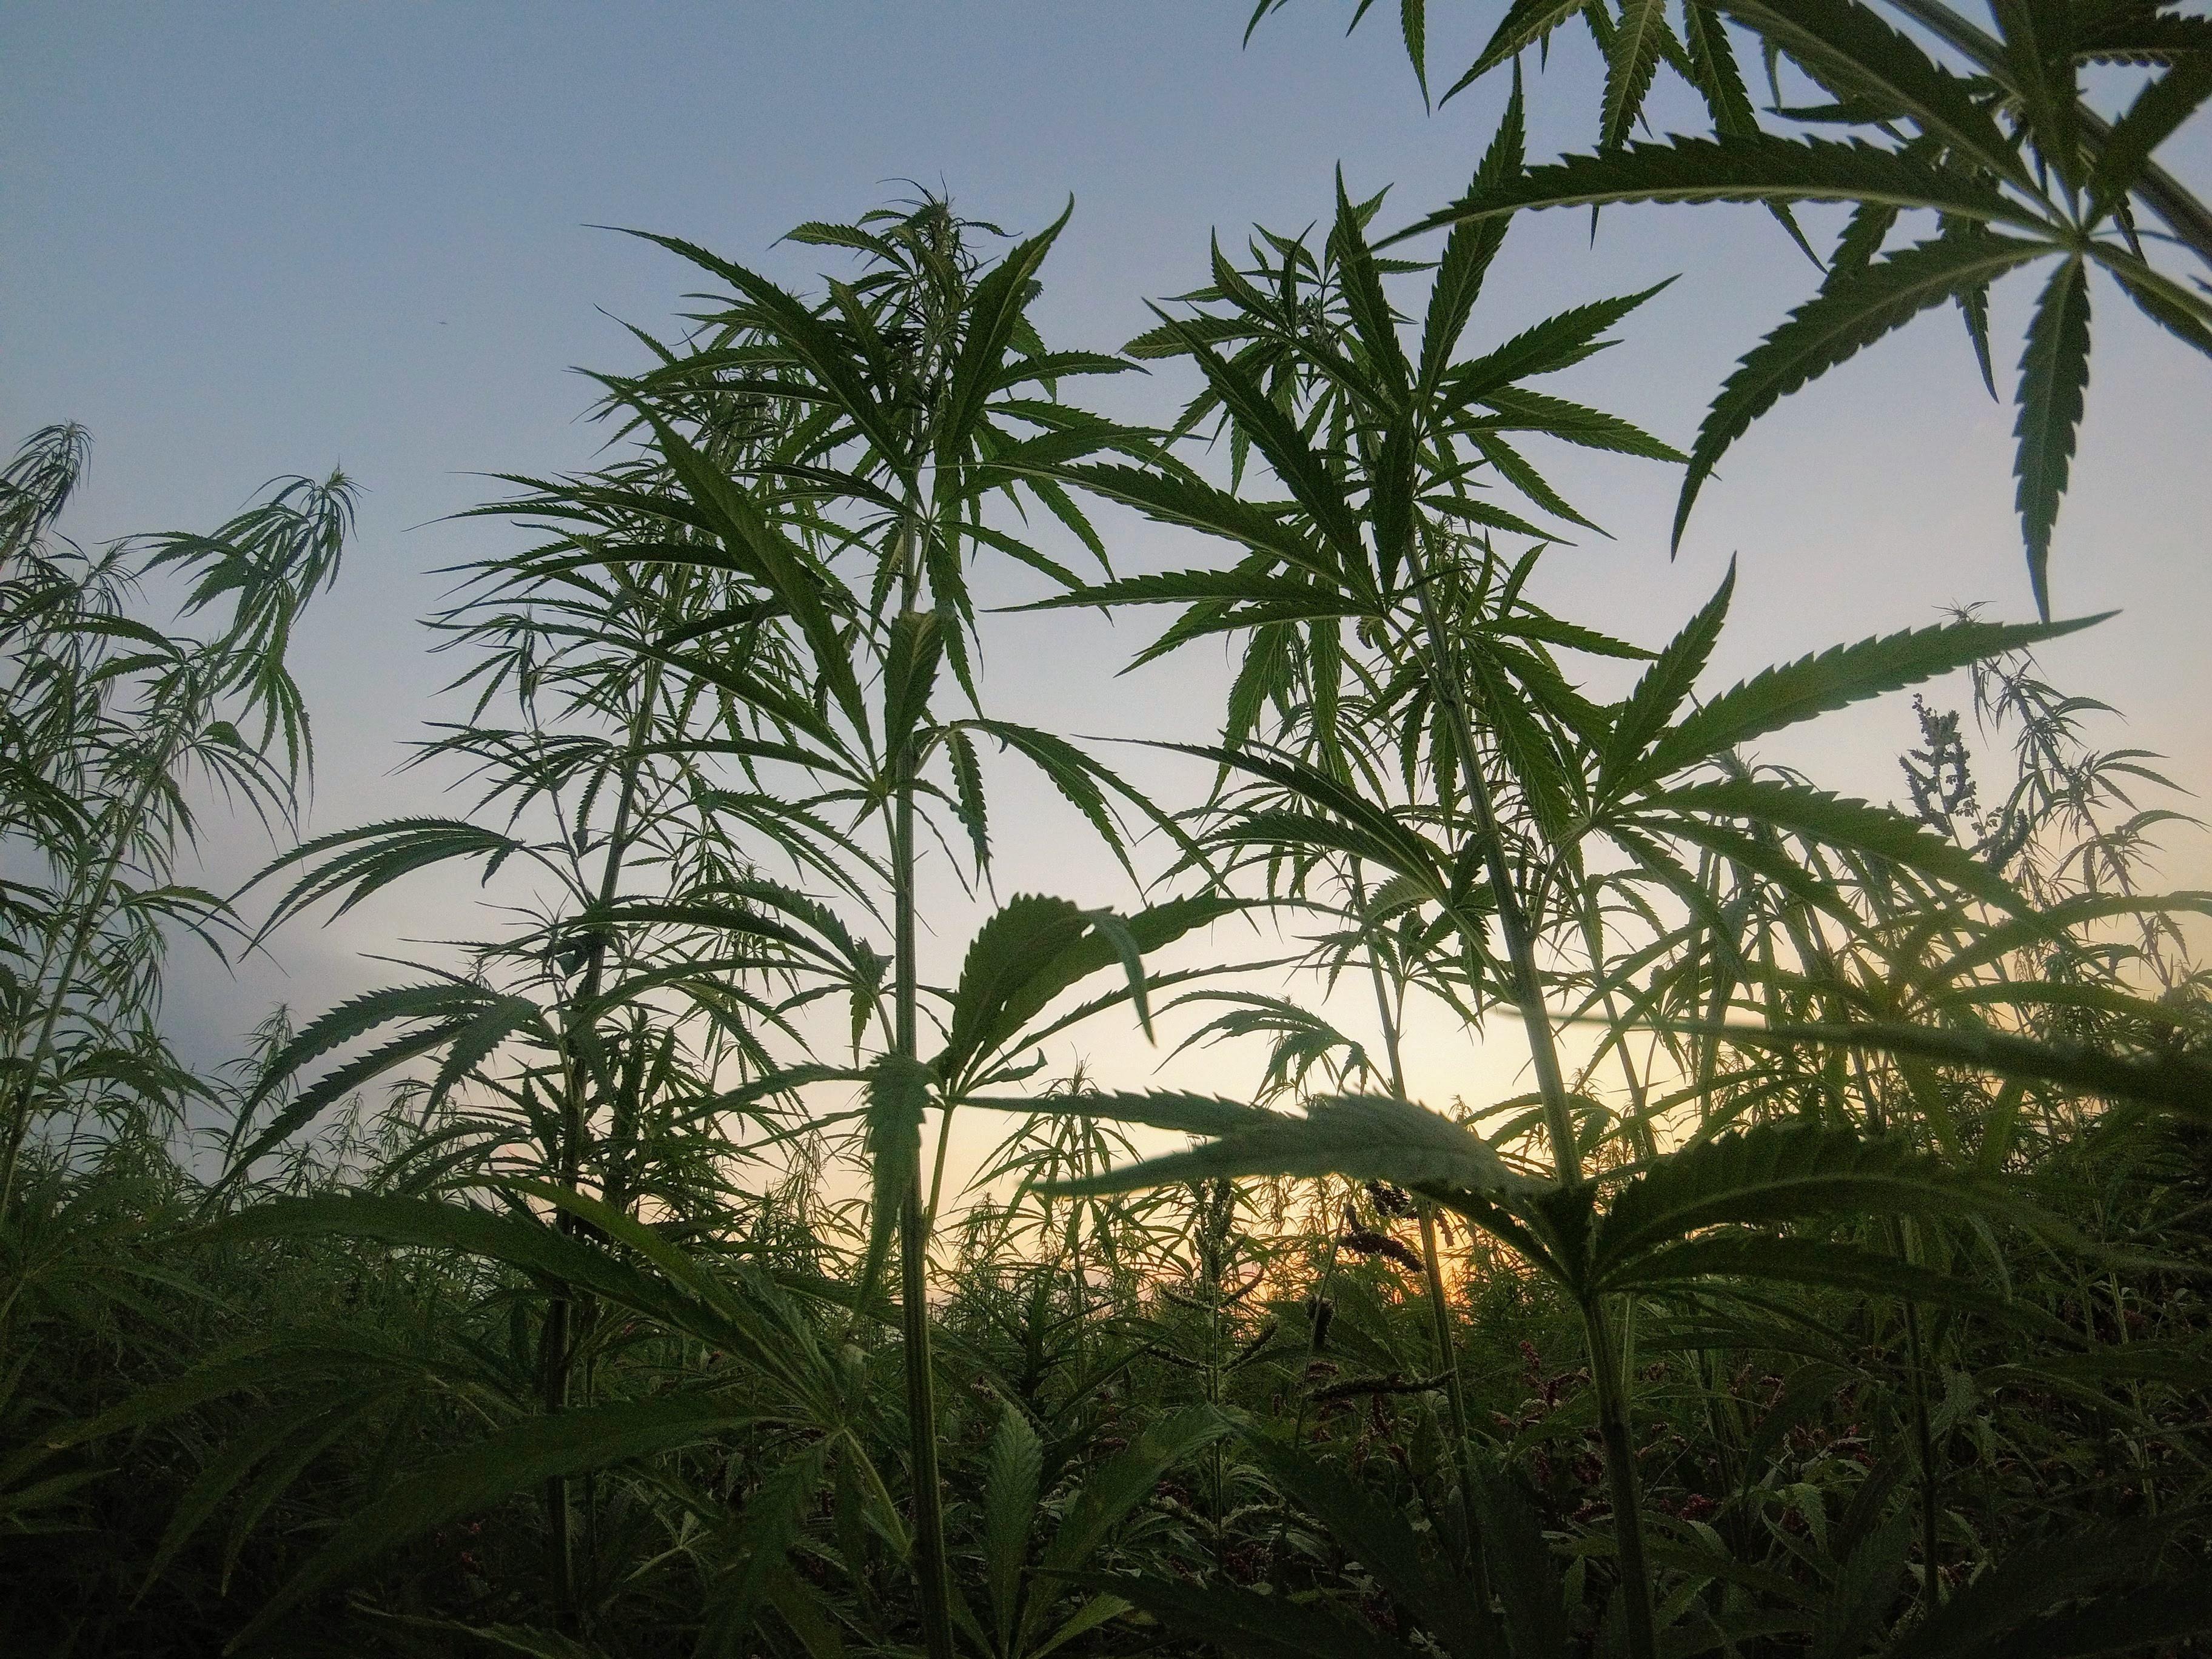 Nación Cannabis | Brasil aprueba regulación para cáñamo y marihuana medicinal